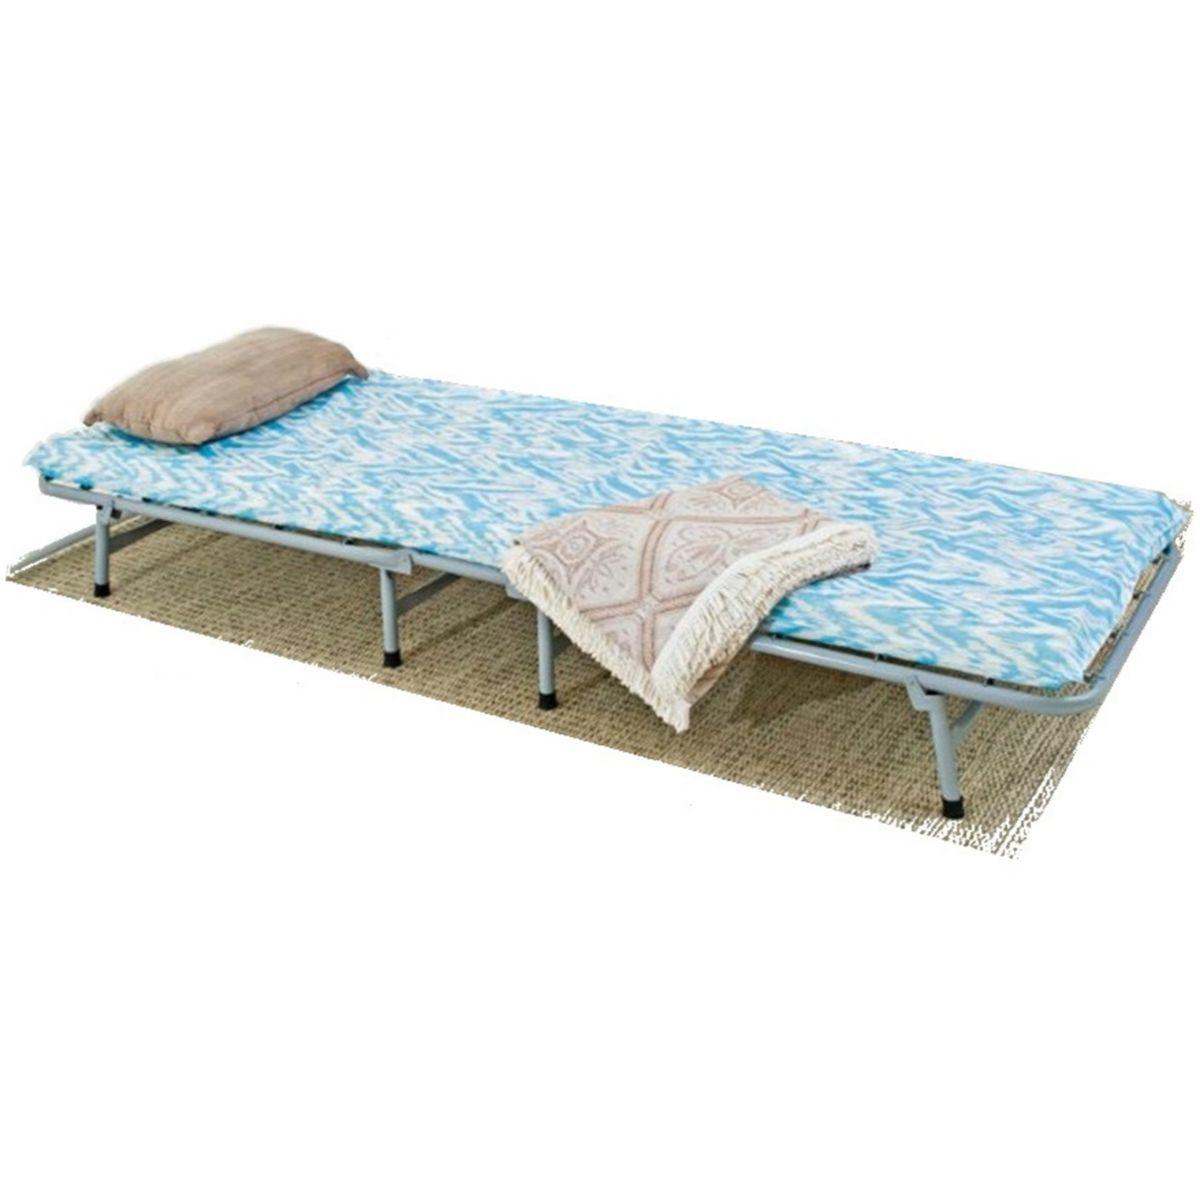 Colchão Solteiro Confortável Para Cama CL 1,80 x 0,68 x 0,07m Hashigo